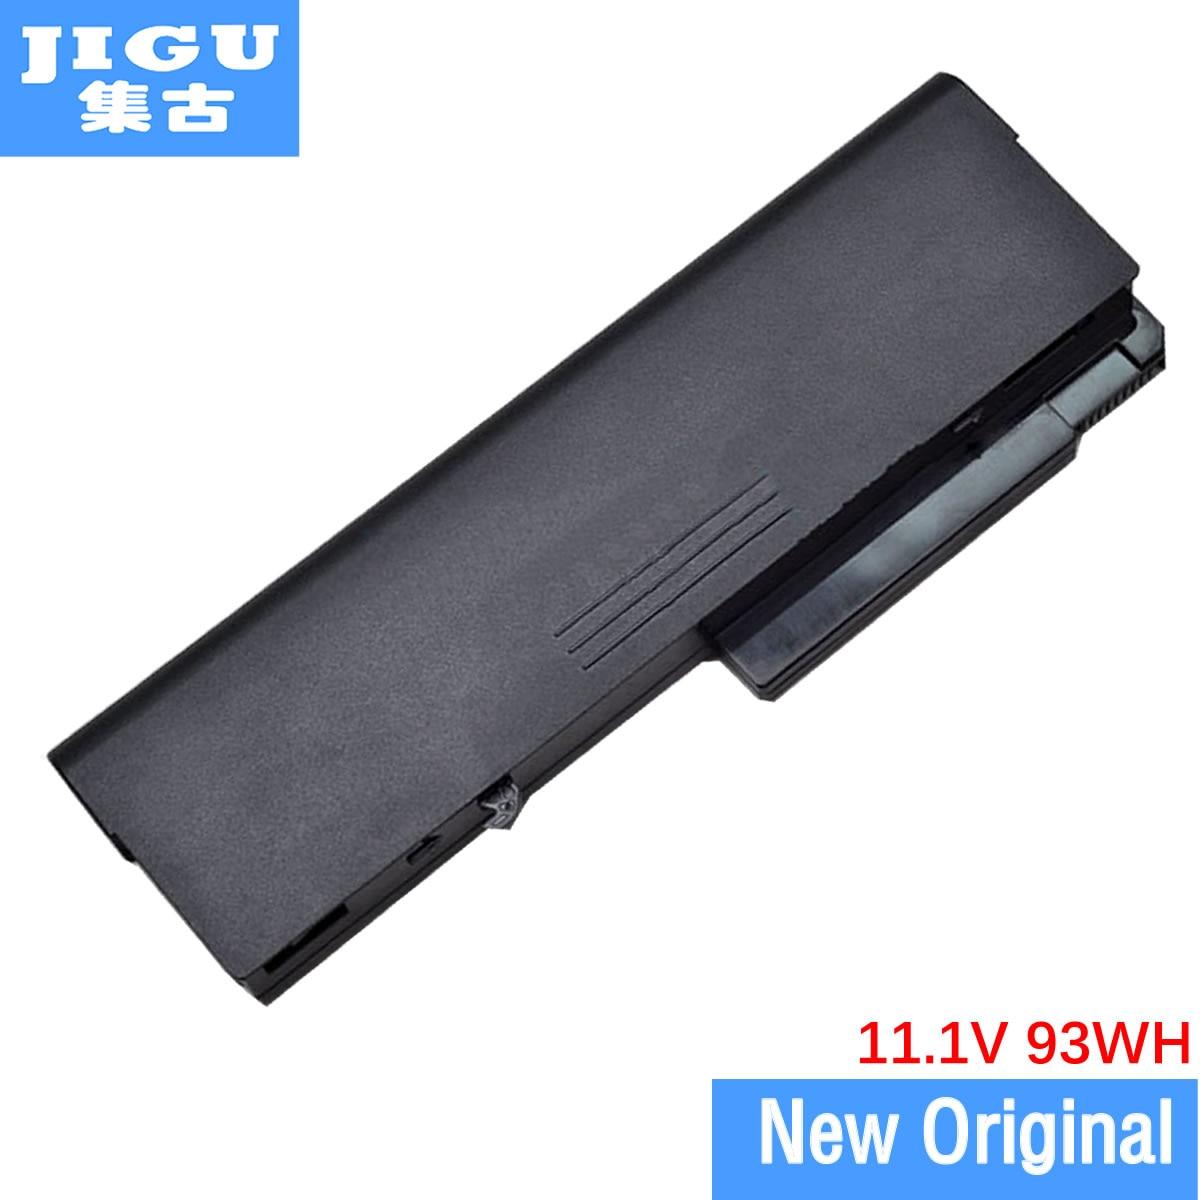 JIGU XB69 XB85 D'origine batterie d'ordinateur portable Pour HP 6530B 6535B 6730B 6735B pour ProBook 6555 6555b 6730 6730b 6735 6735b 6930